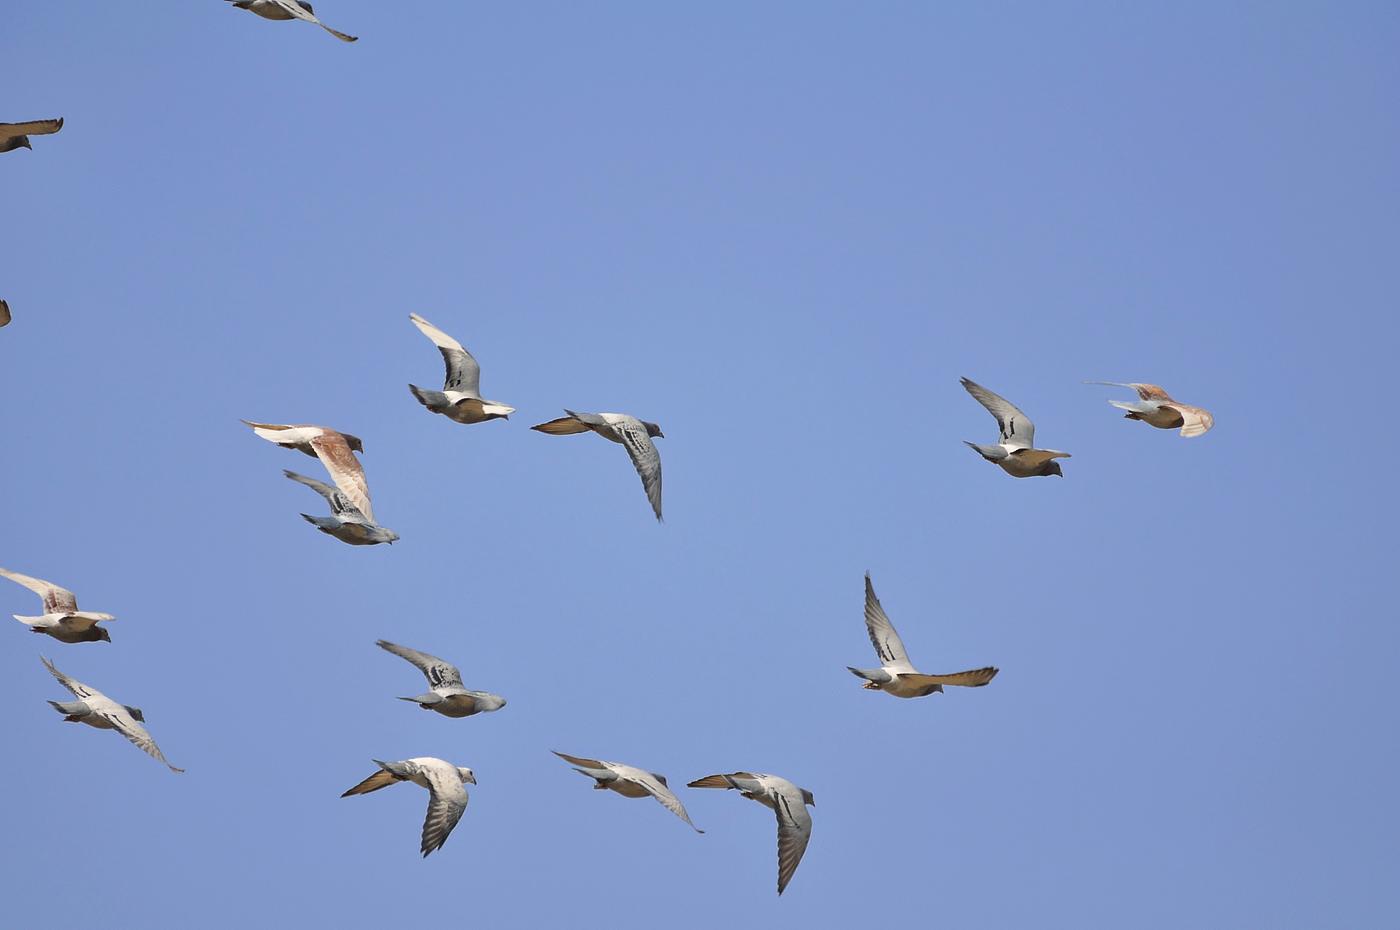 动物在天空飞翔图片